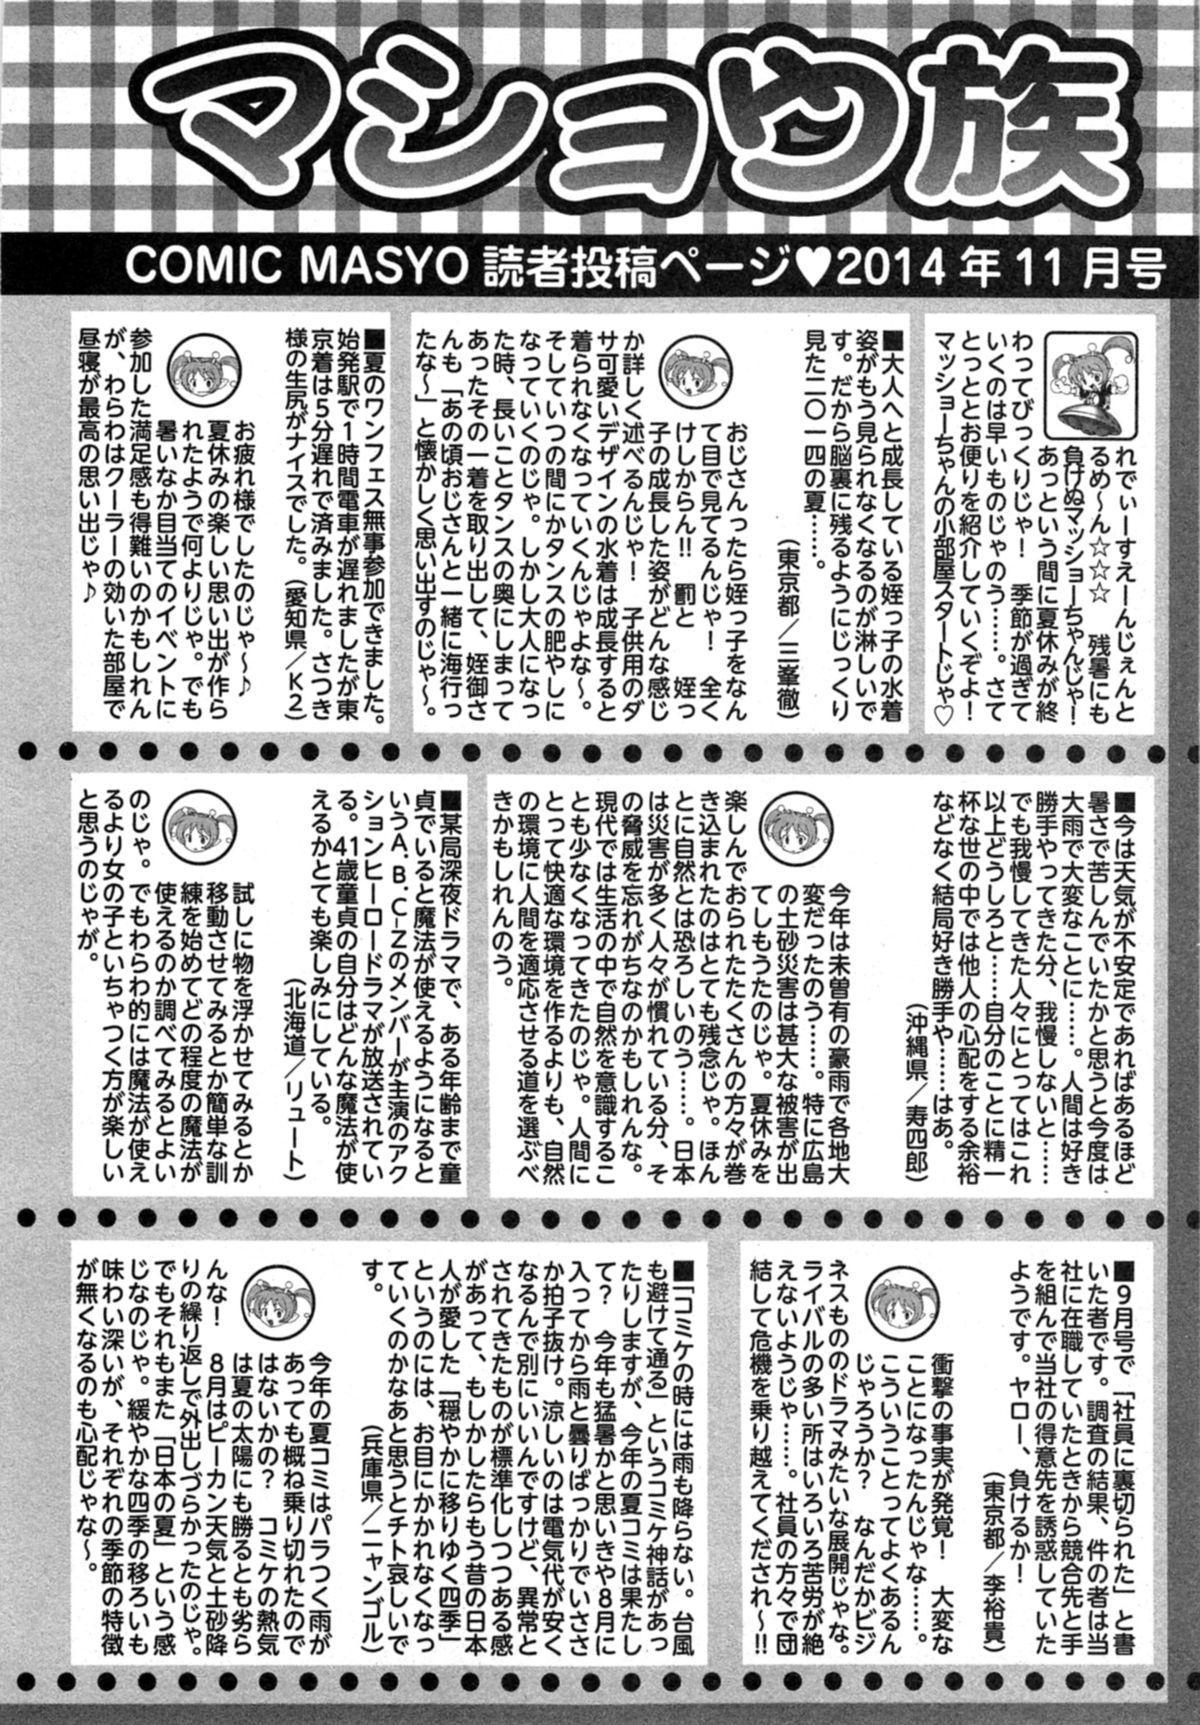 COMIC Masyo 2014-11 253